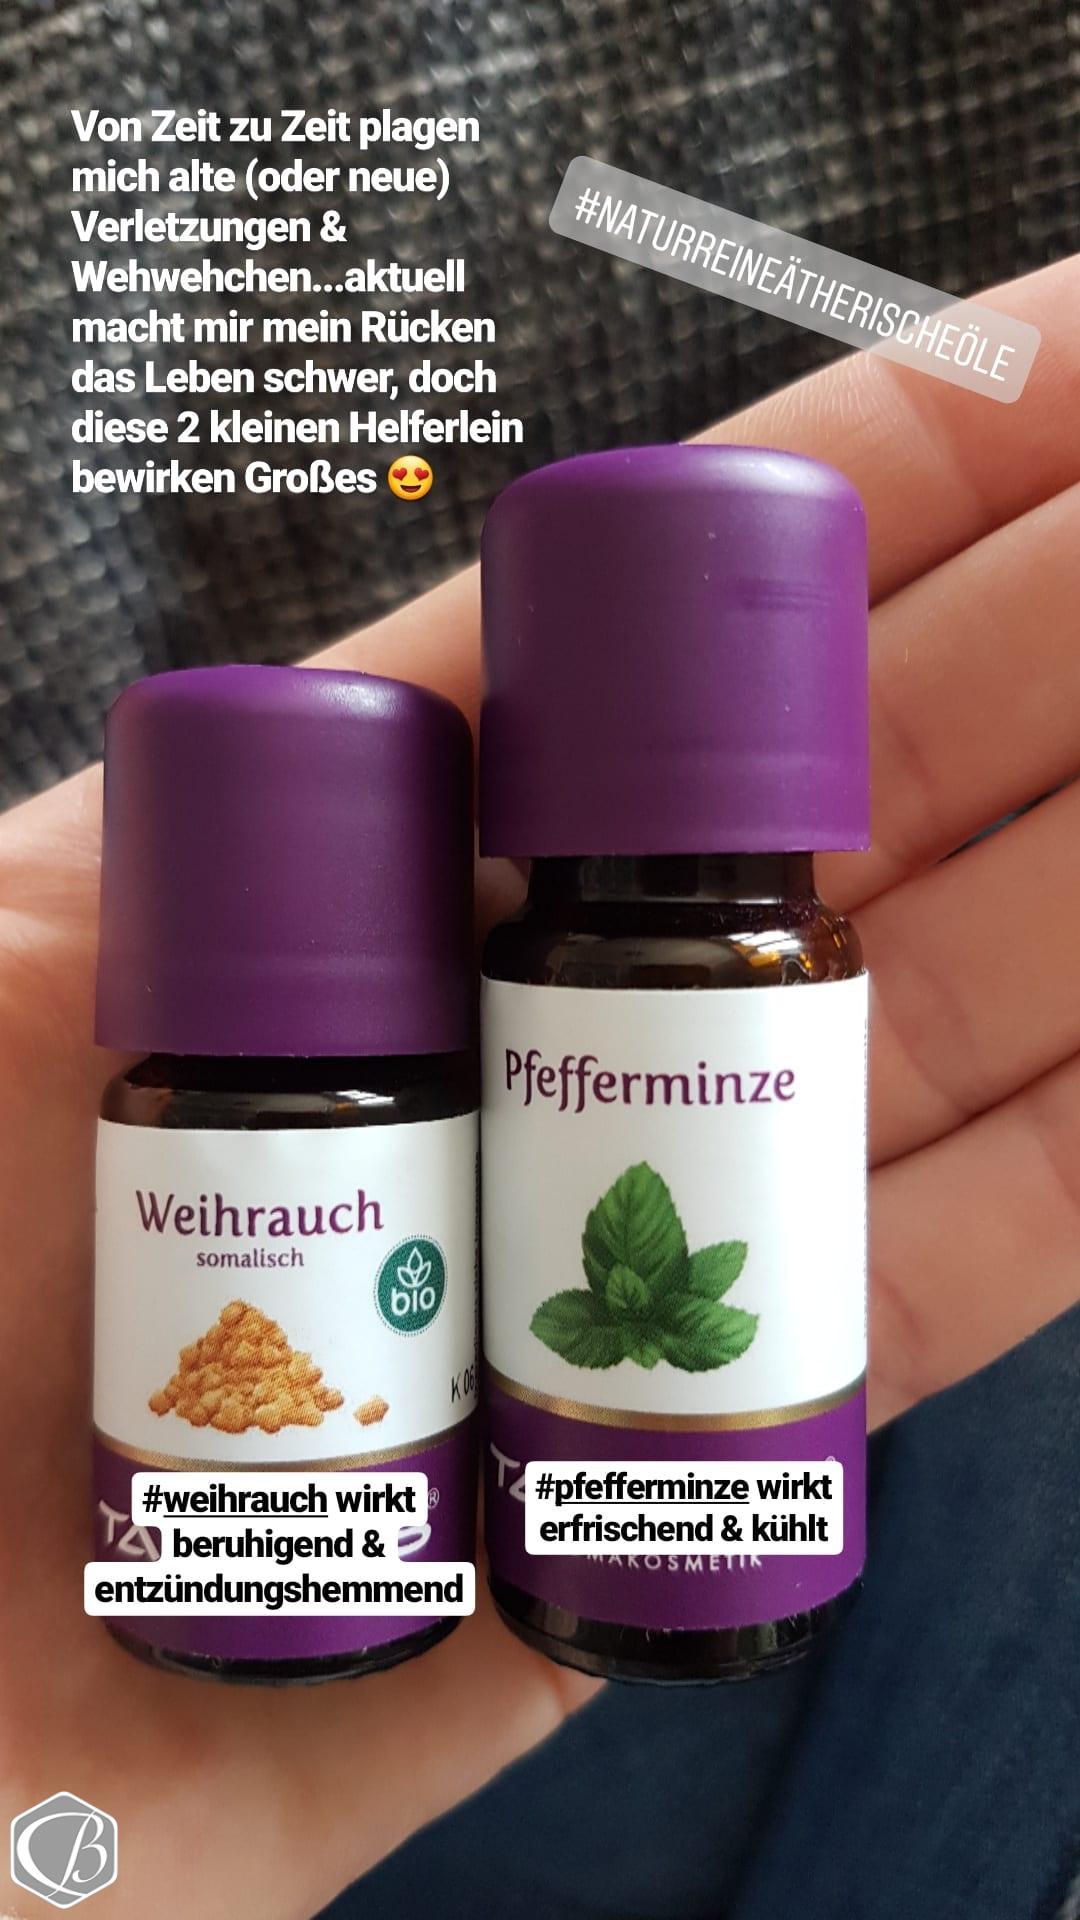 Weihrauch, Pfefferminze, Ätherische Öle